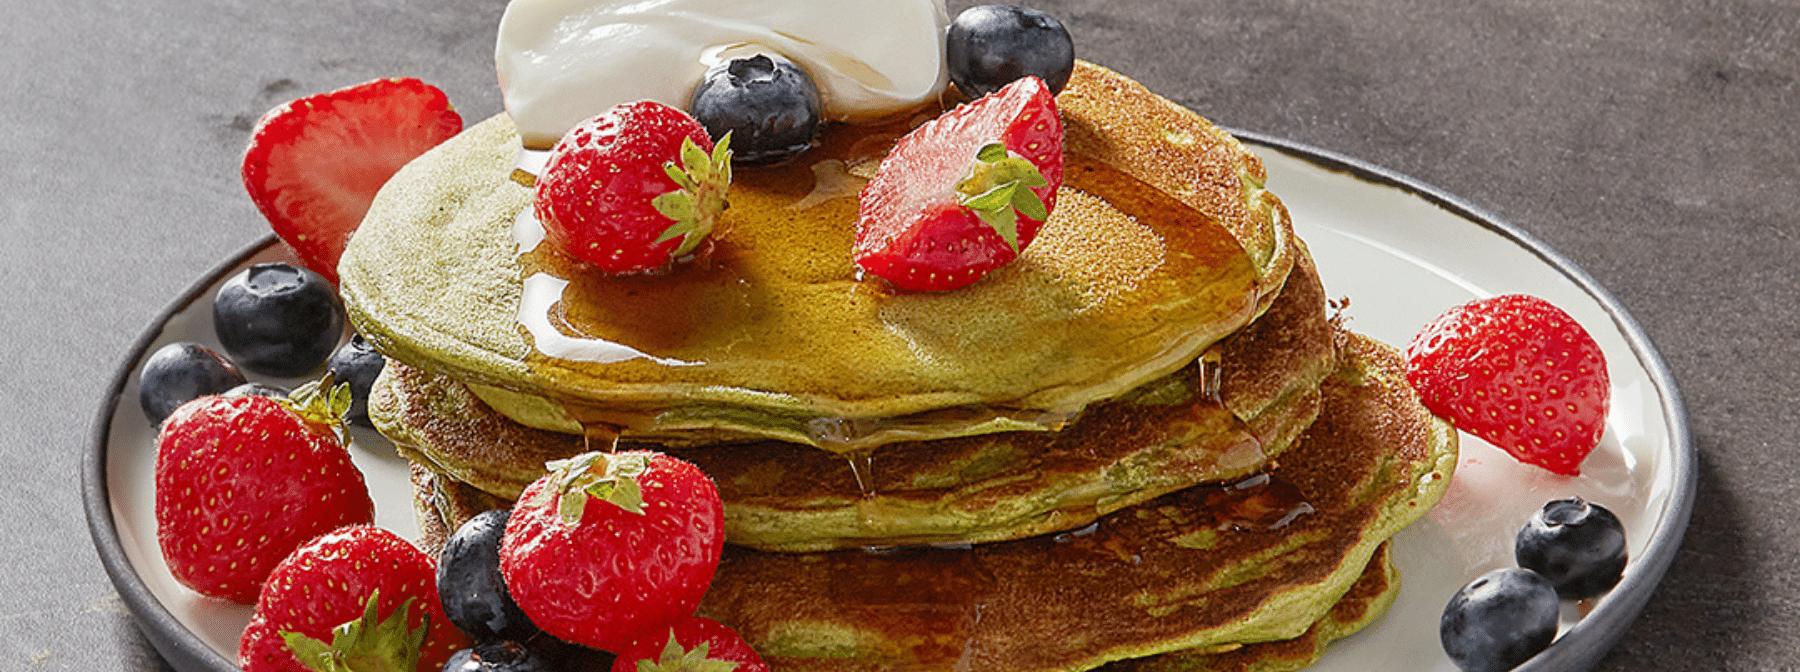 早餐的美味選擇 高蛋白抹茶美式煎餅